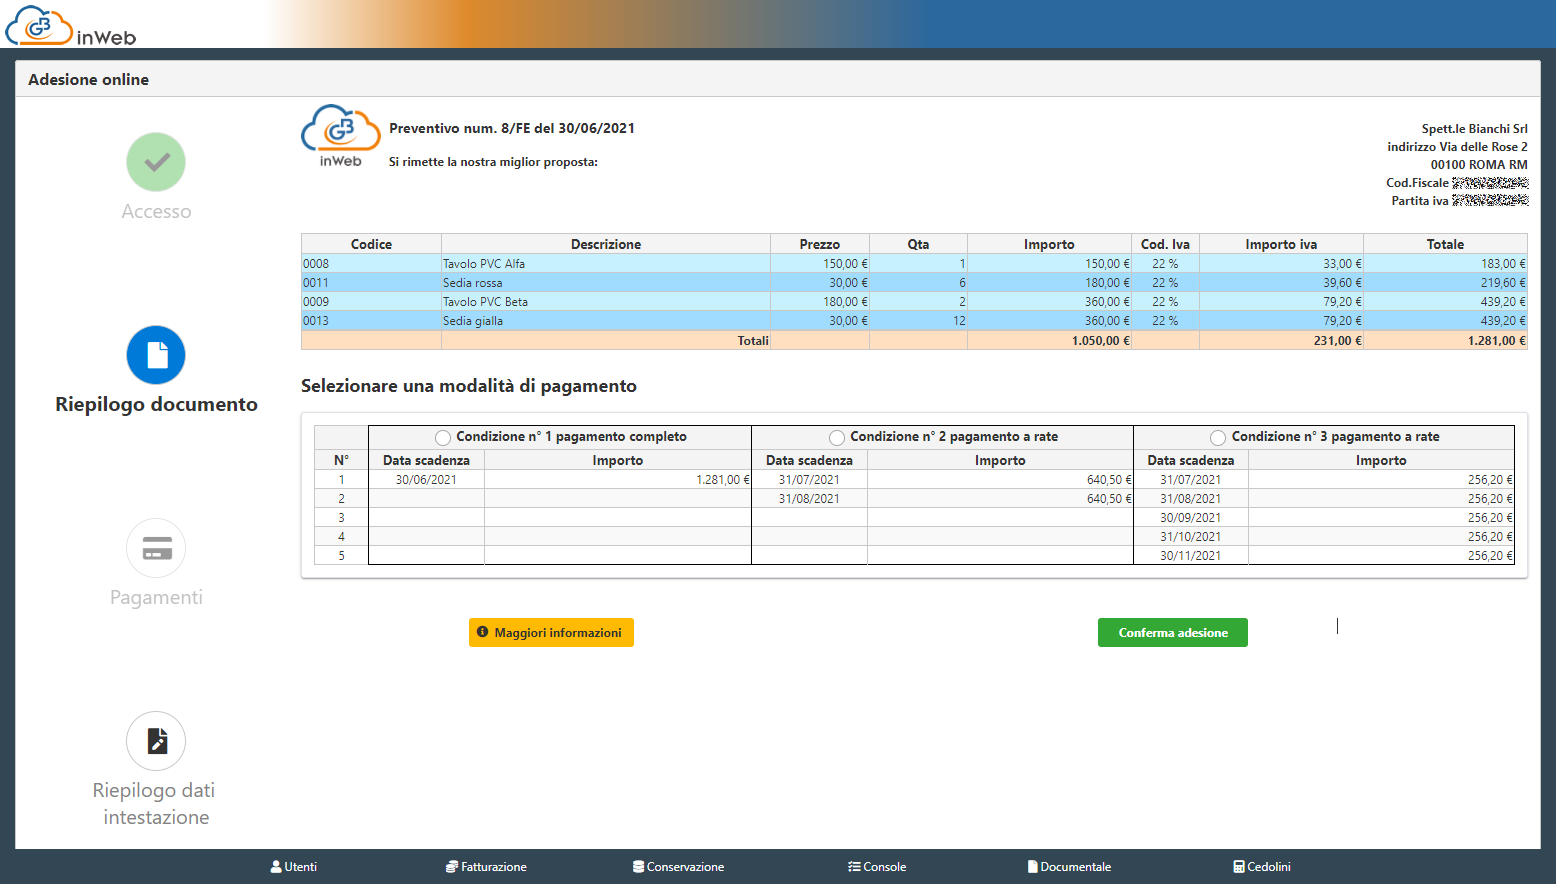 Fatturazione inWeb: invio documenti tramite Adesione Online: riepilogo documento